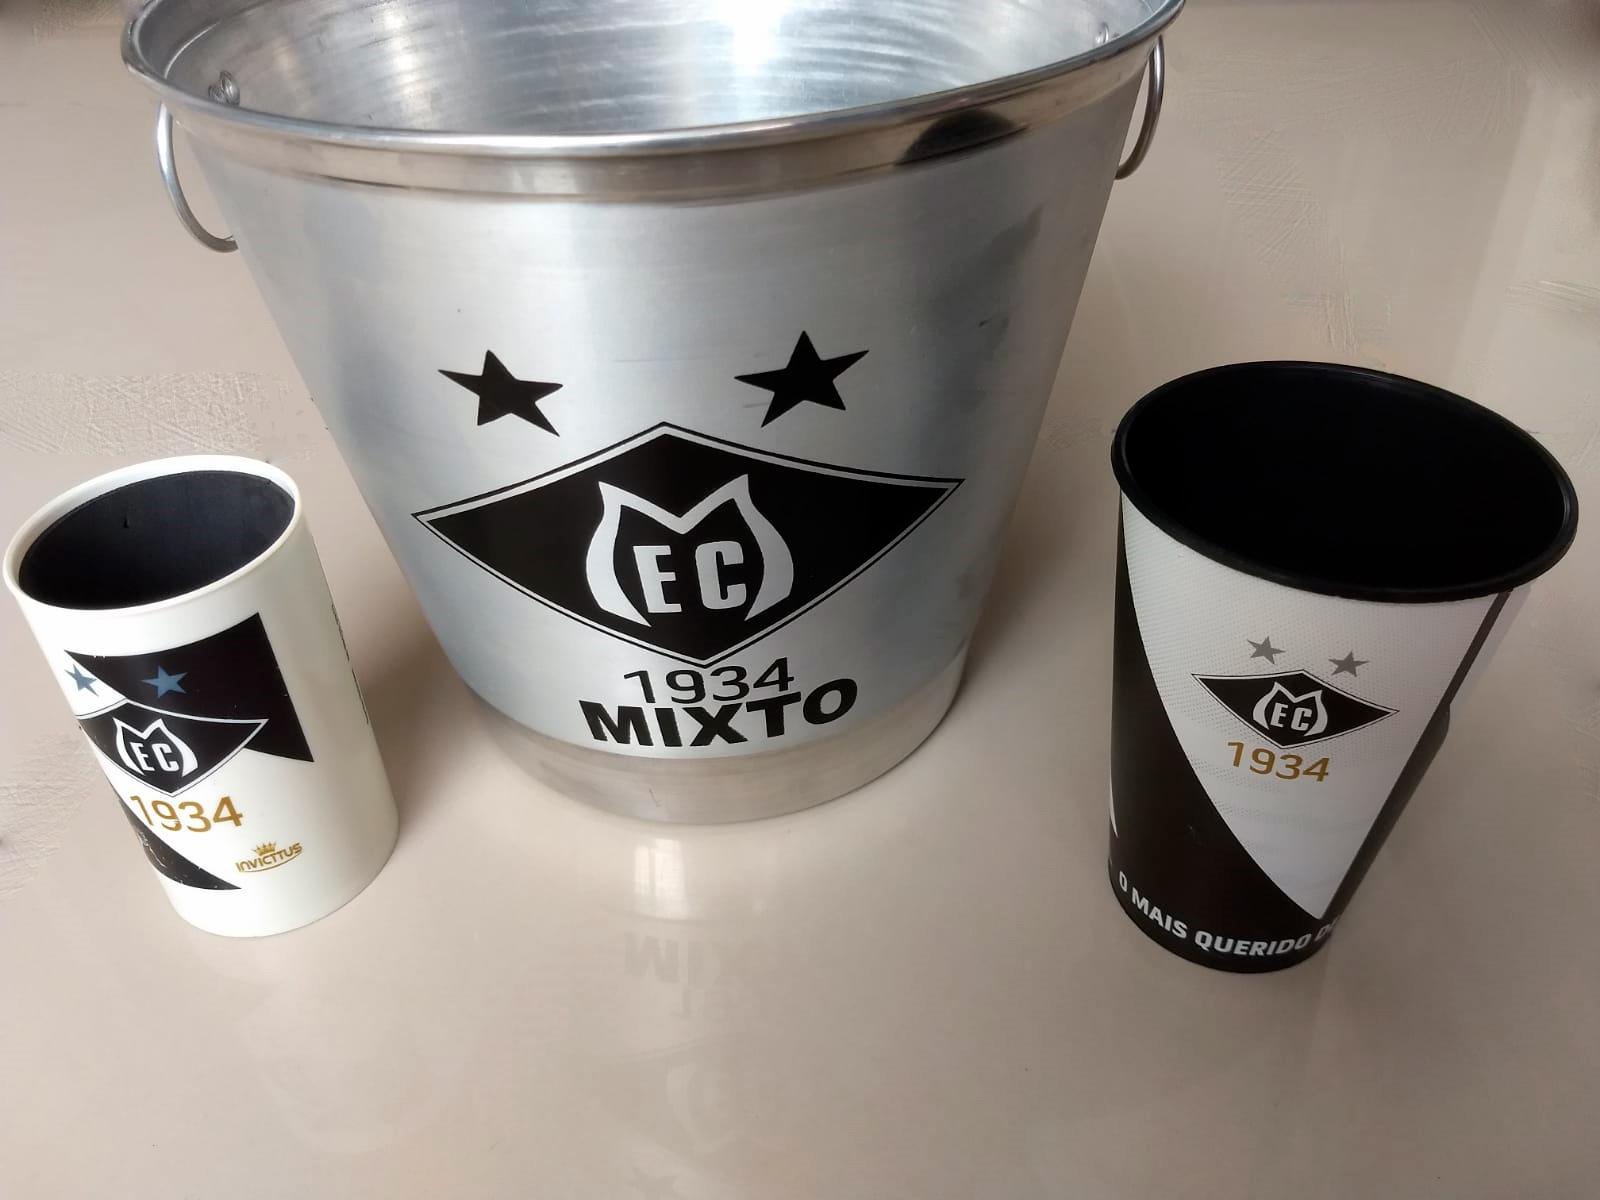 Na foto um porta lata branco do Mixto, um balde de metal inox para gelo eu copo plástico preto, produtos oficiais